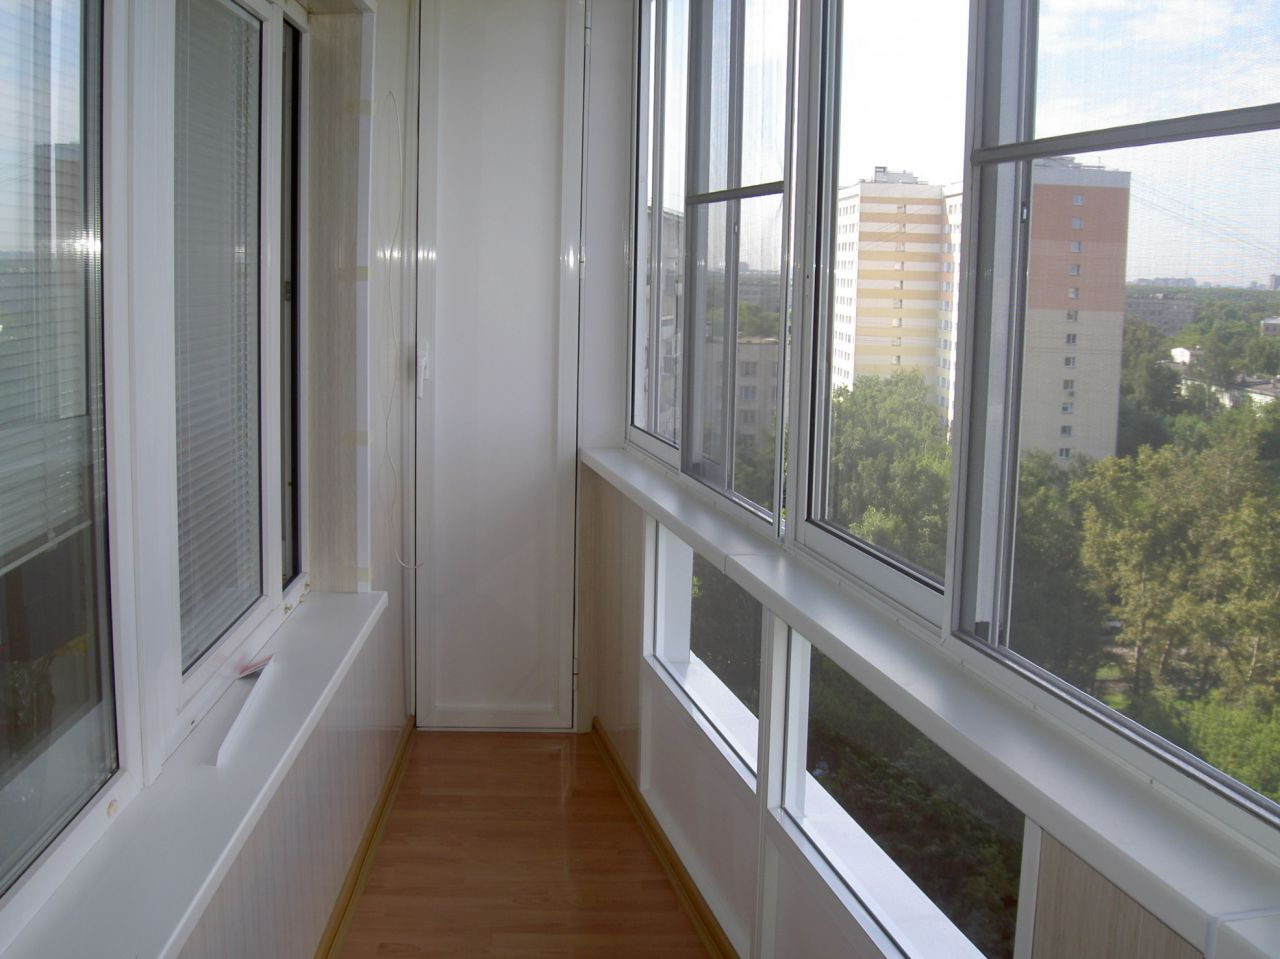 Установка окон на балконе цены как самому поставить пластиковое окно на даче